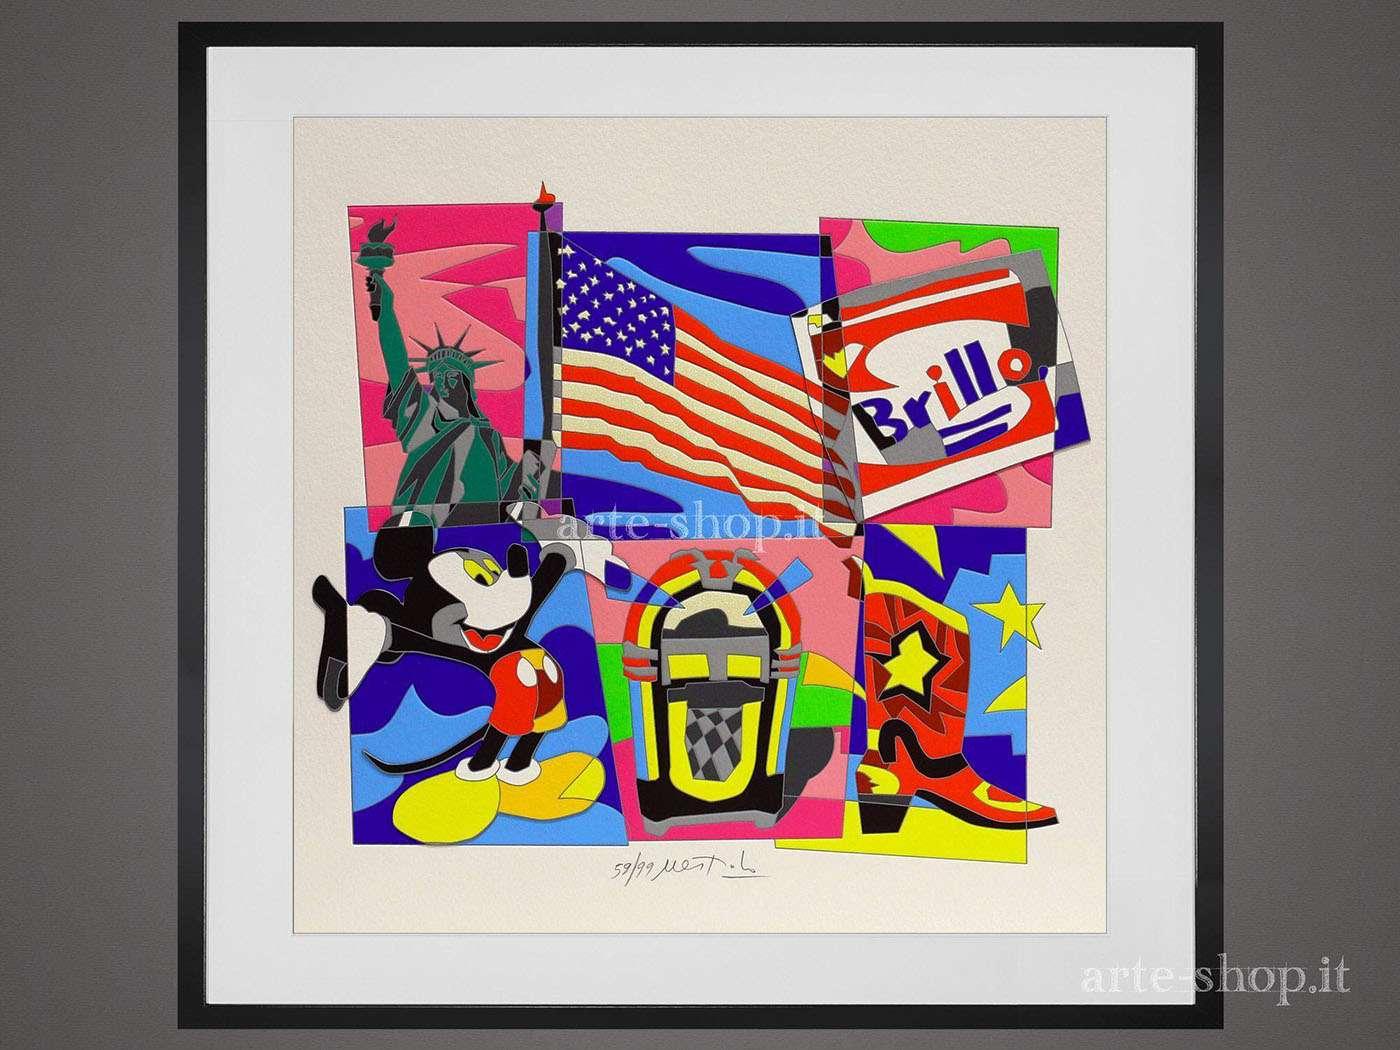 Serigrafia Ugo Nespolo - American Dream